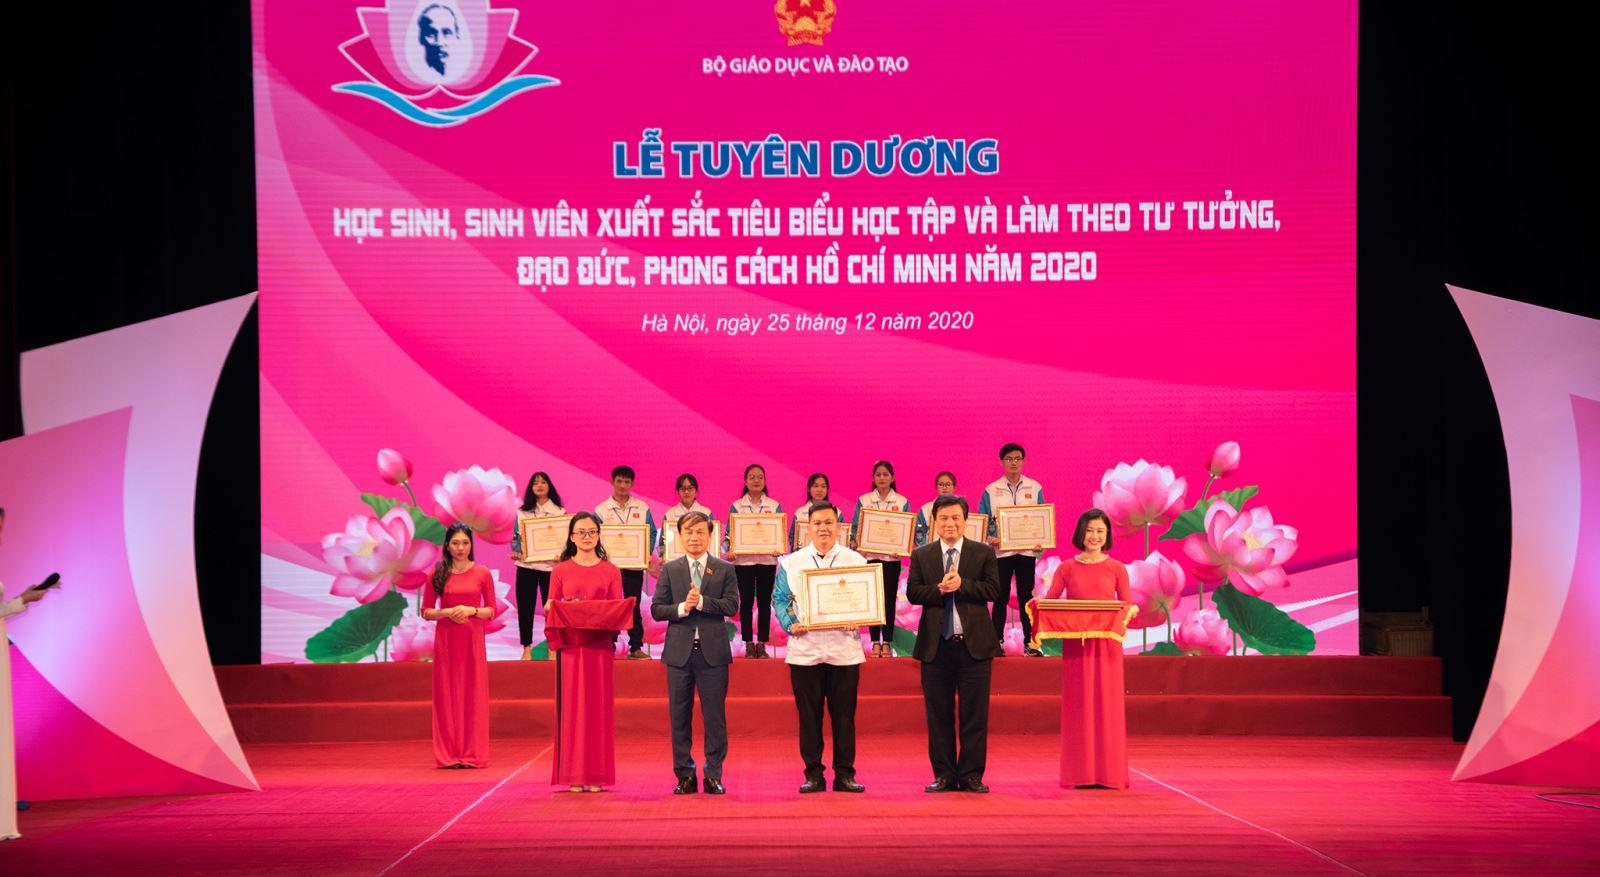 Sinh viên Học viện Phụ nữ Việt Nam được vinh danh tại Lễ tuyên dương học sinh, sinh viên xuất sắc tiêu biểu